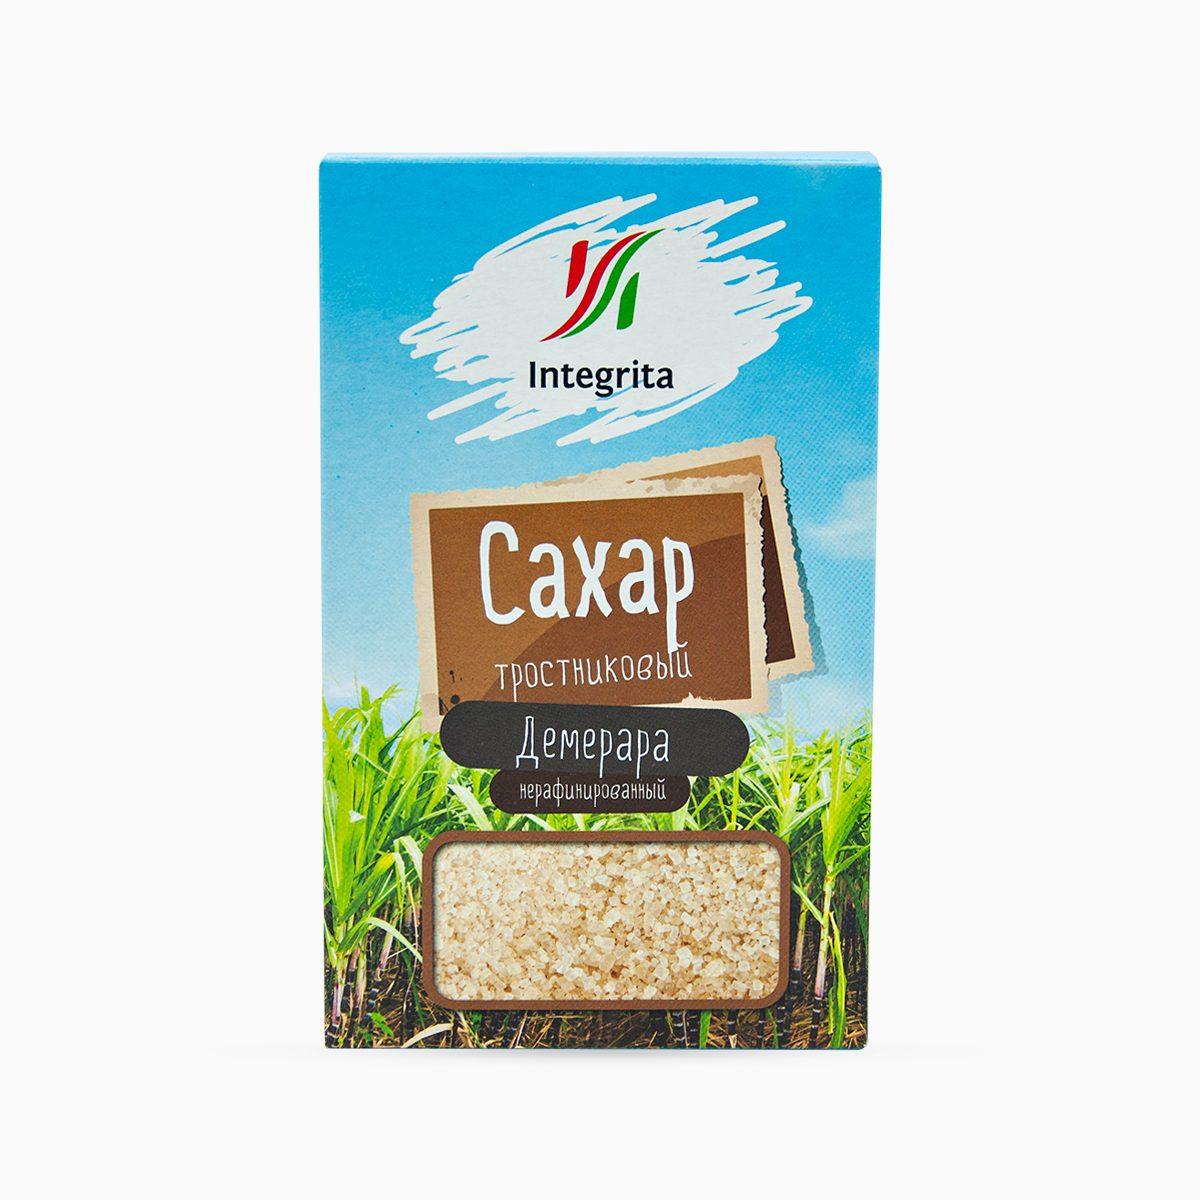 Сахар тростниковый нерафинированный, Интегрита